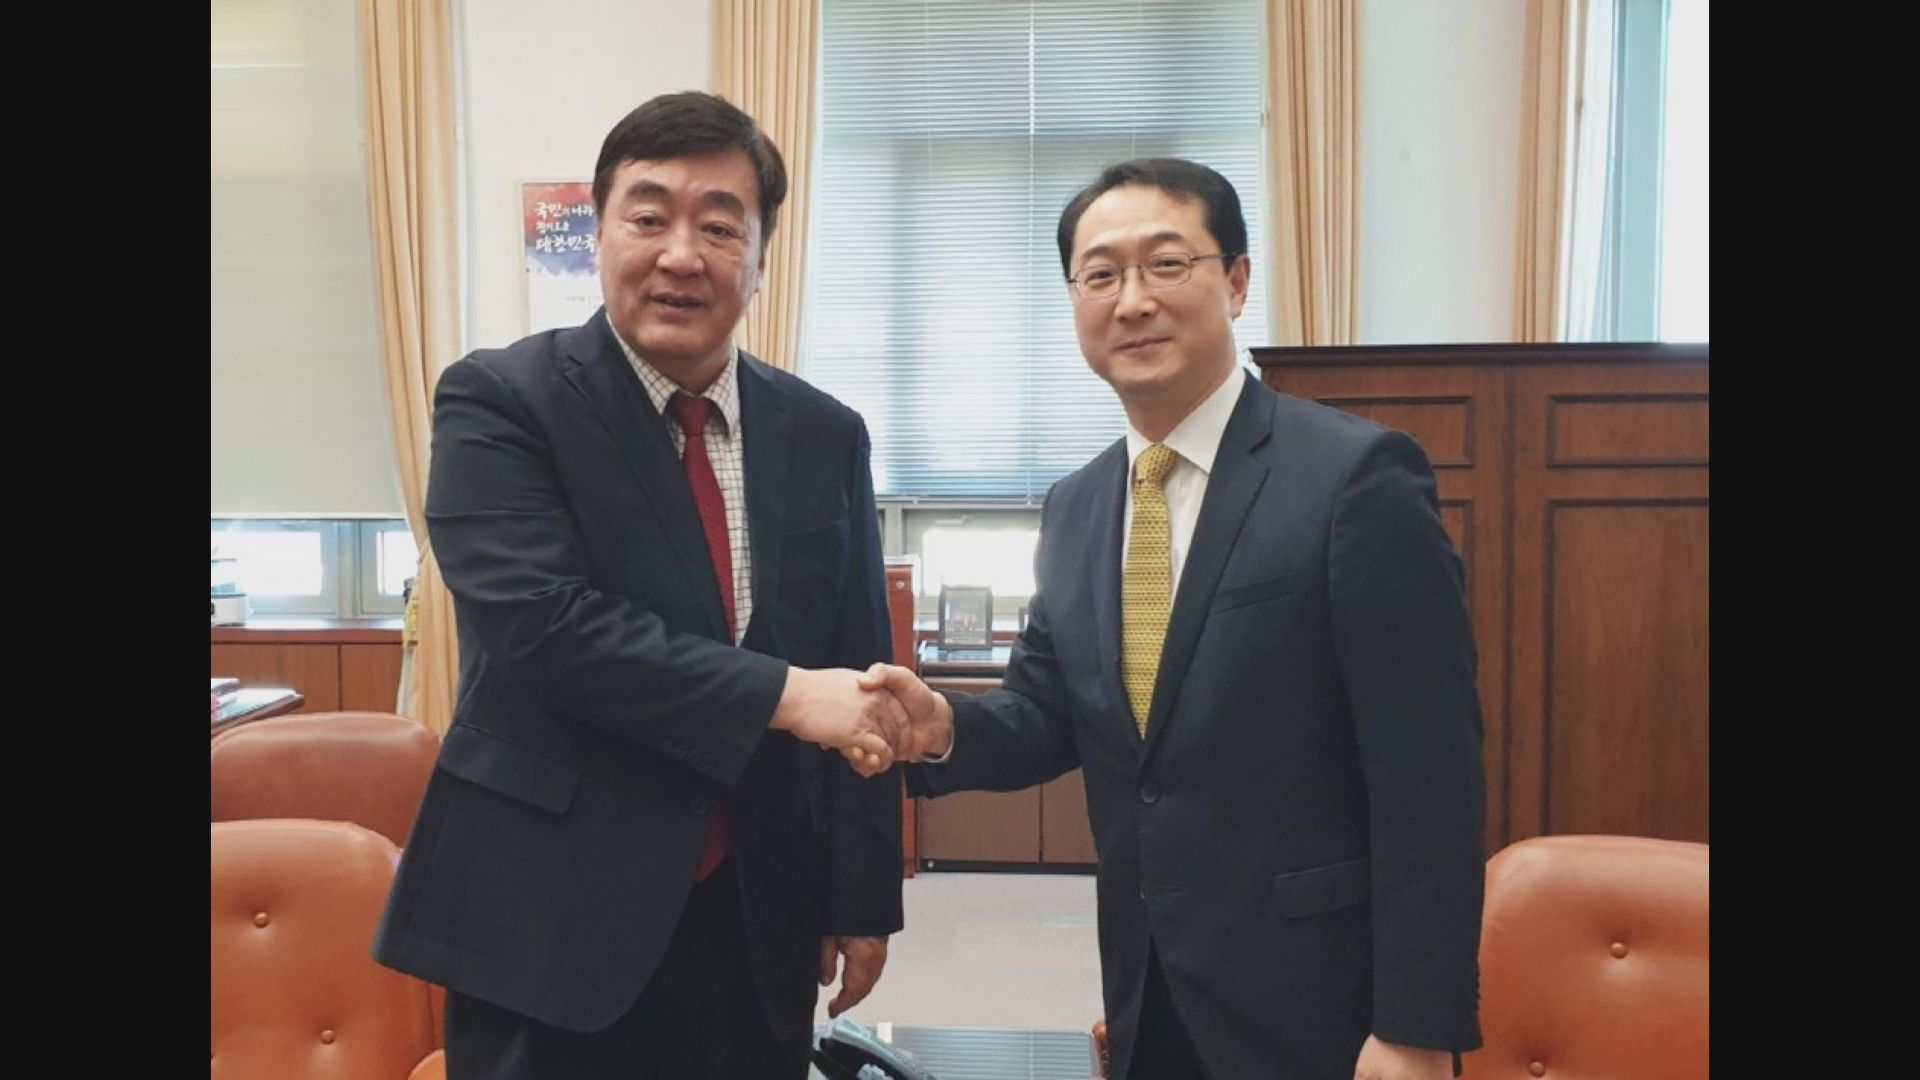 中國支持南韓抗疫 提供口罩等物資